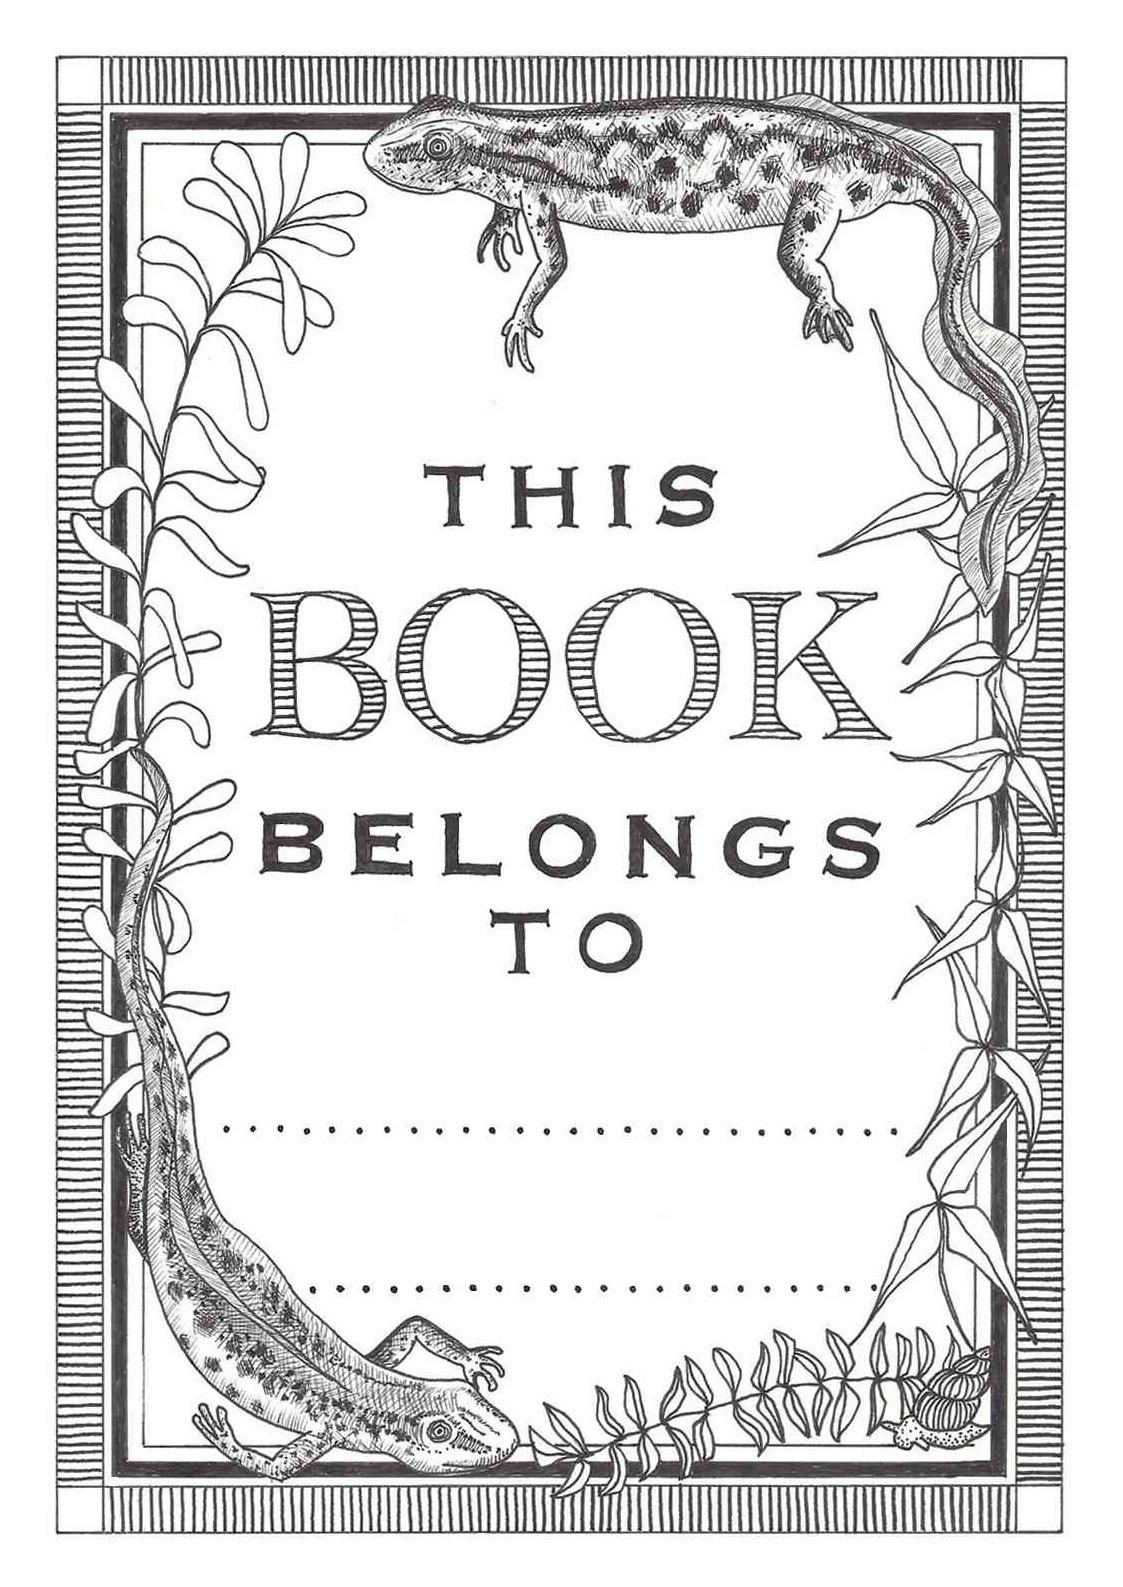 newt book plate 170.jpg